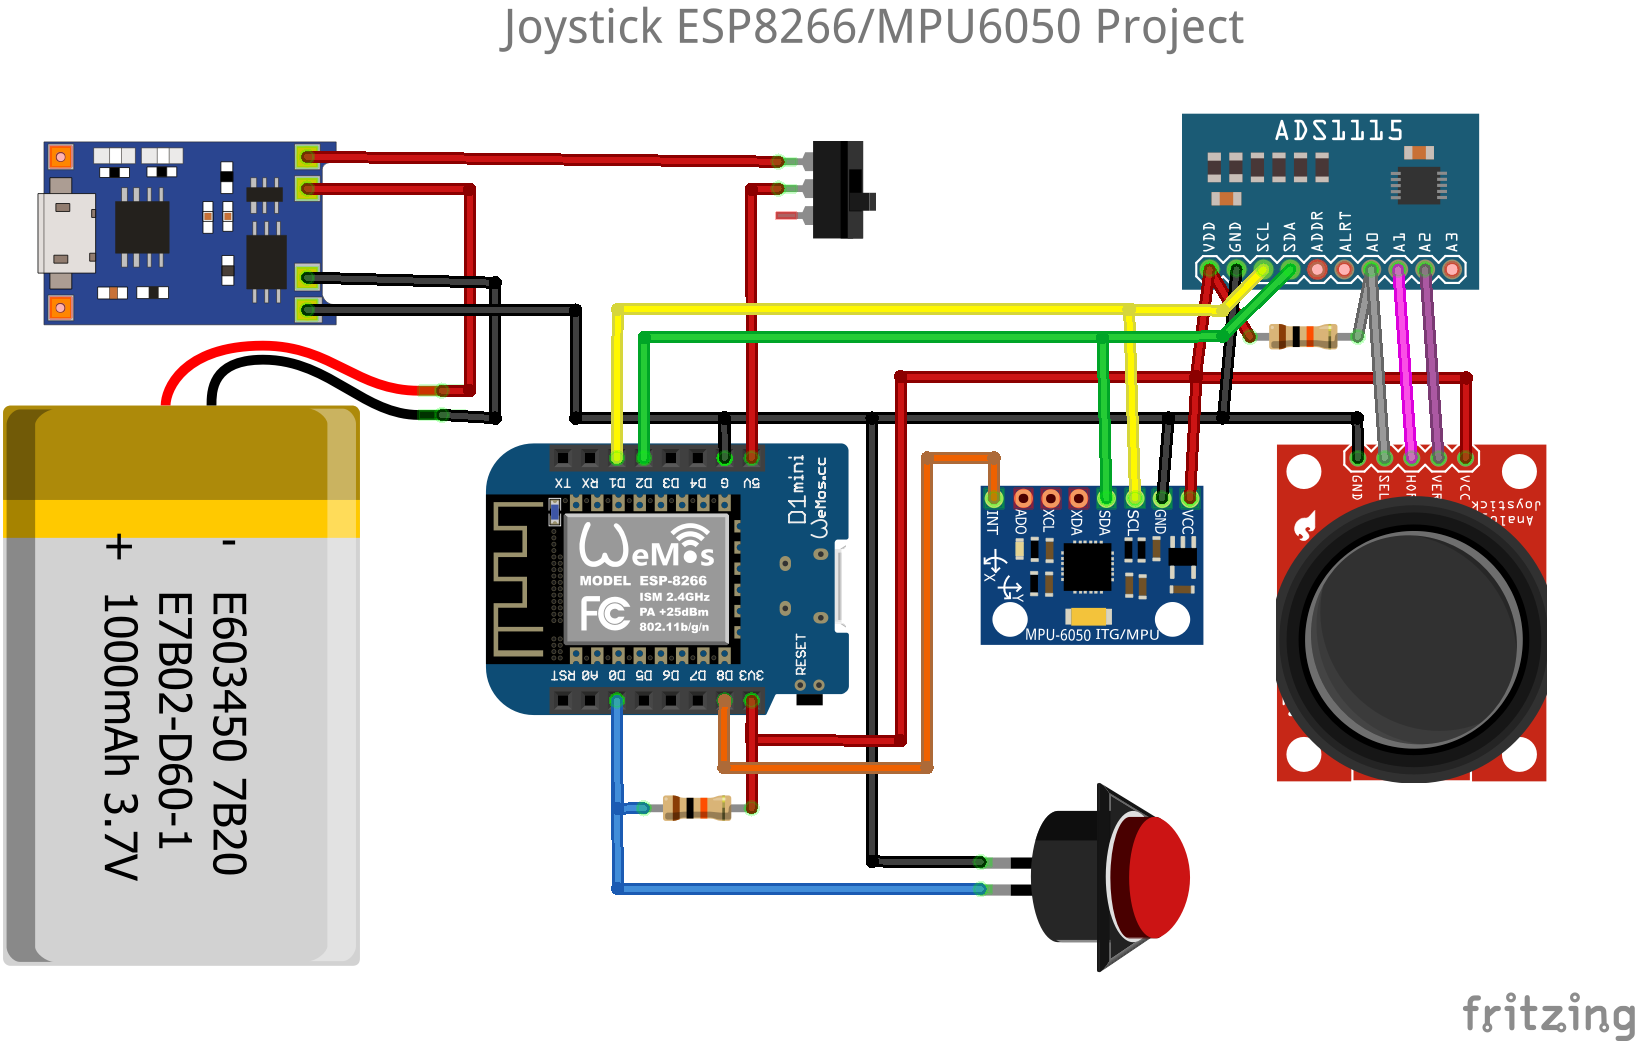 Joystick_ESP8266_V2.png